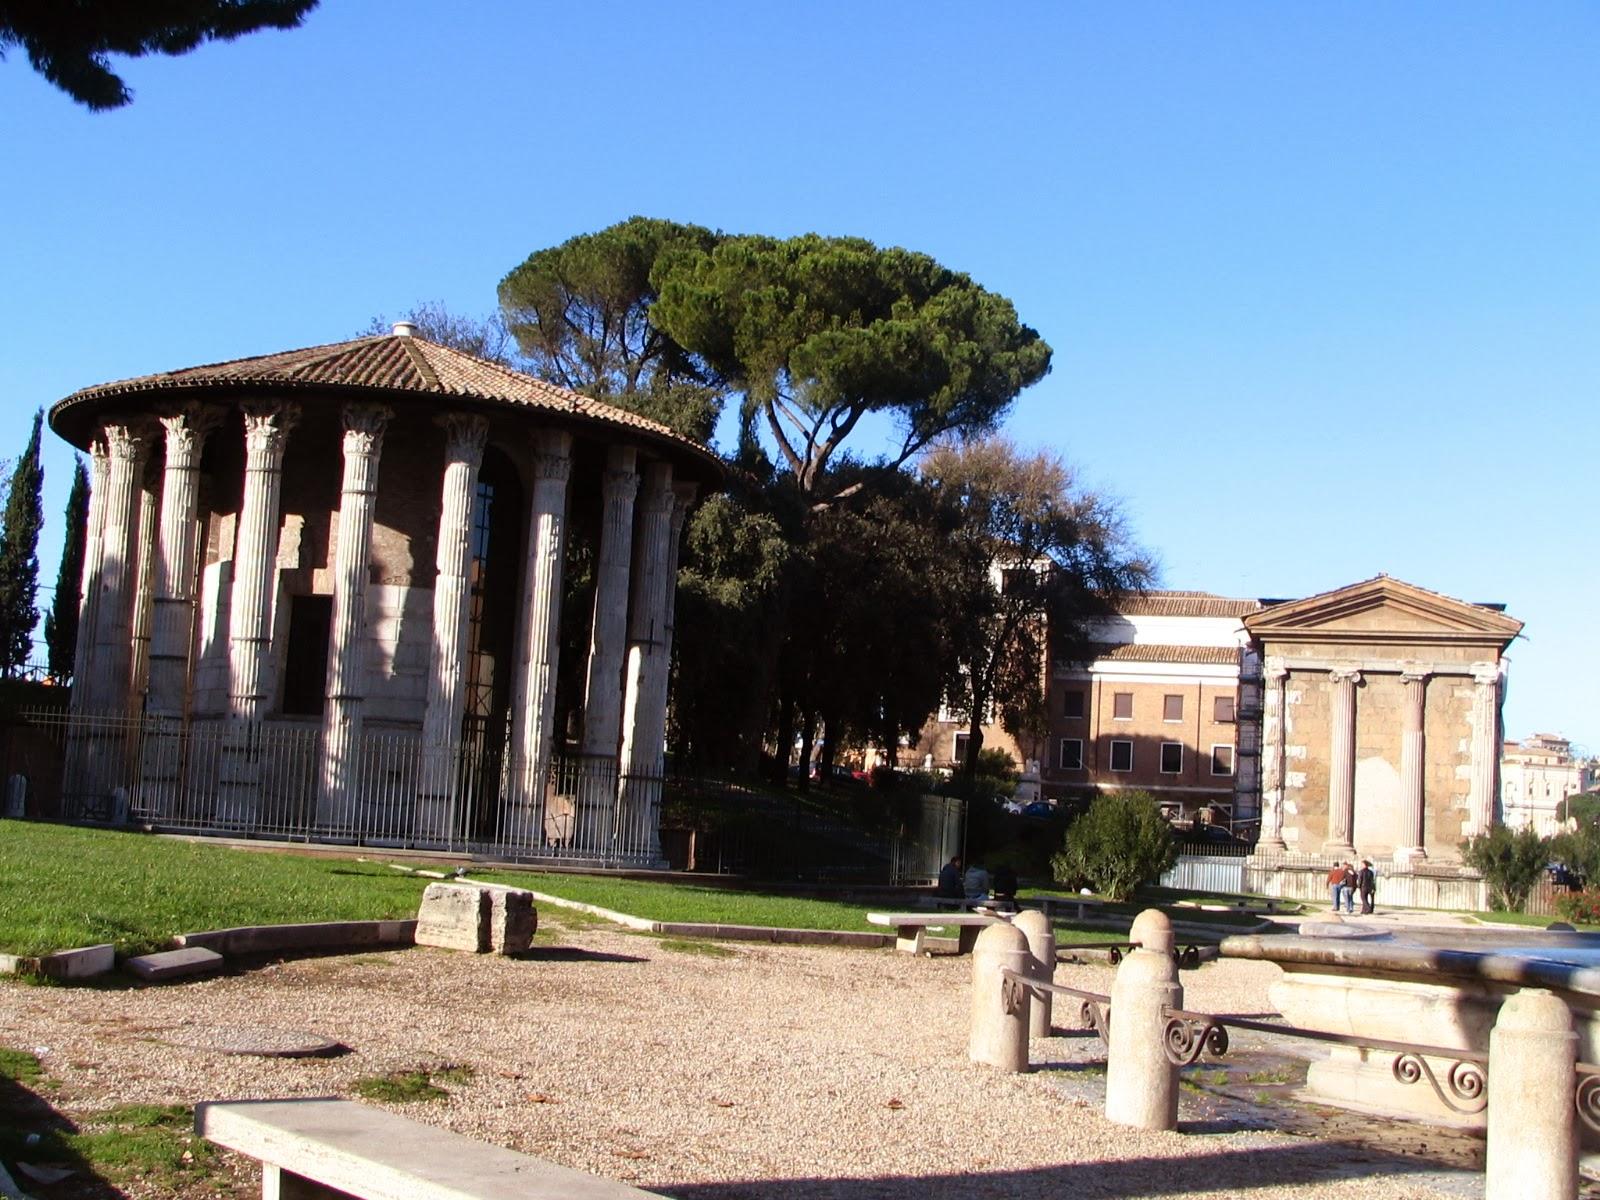 Italia - Roma - Foro Boario